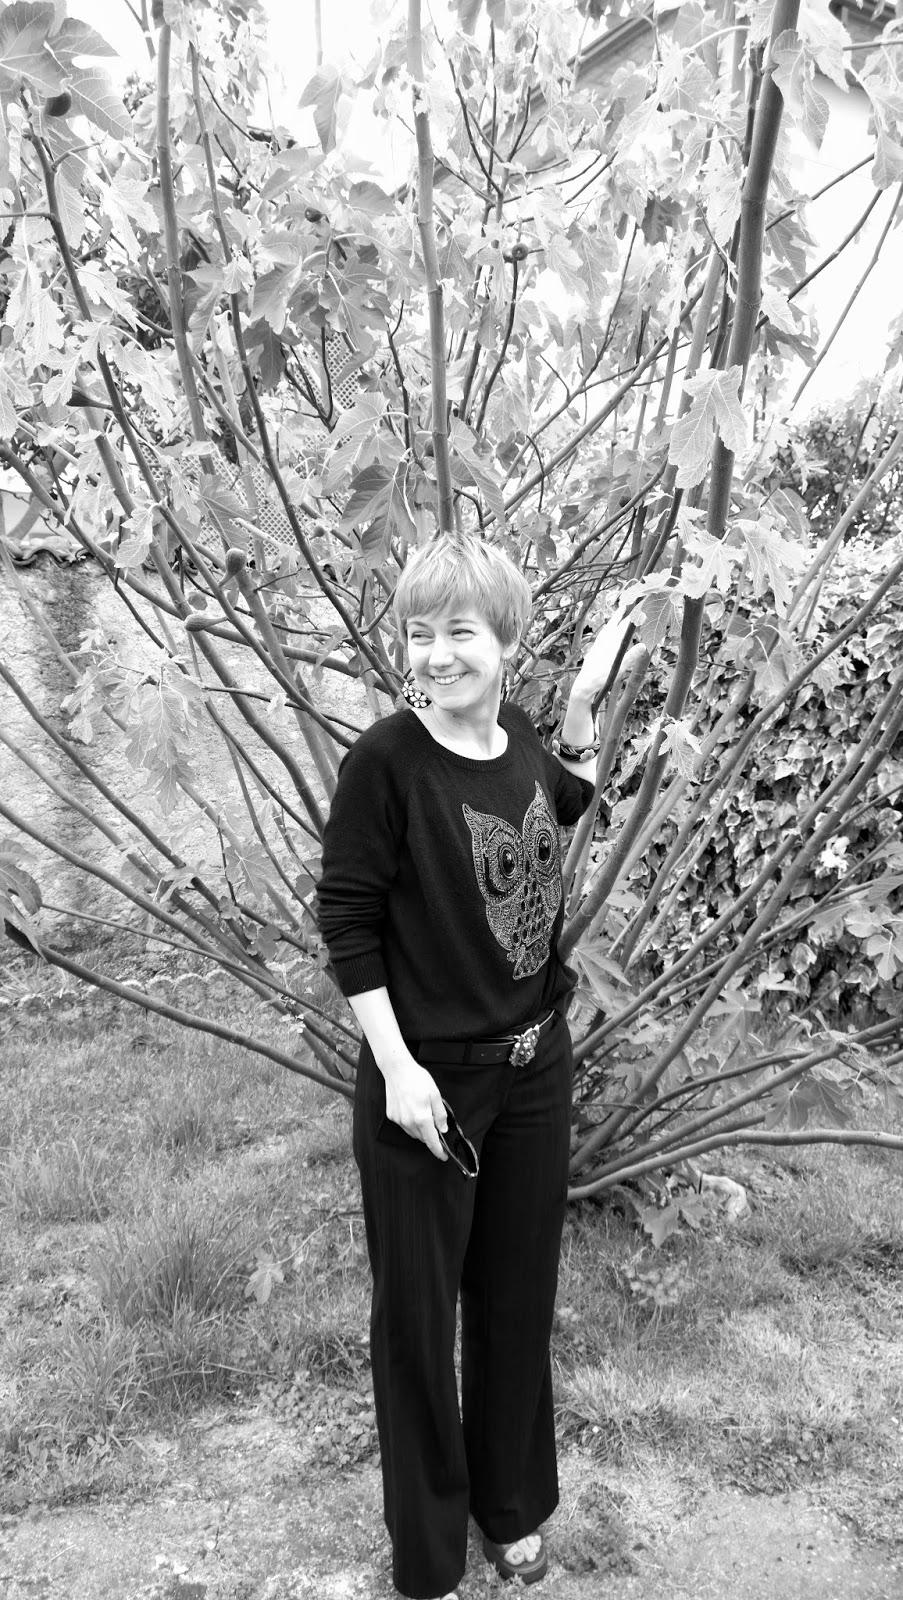 foto bianco & nero con albero